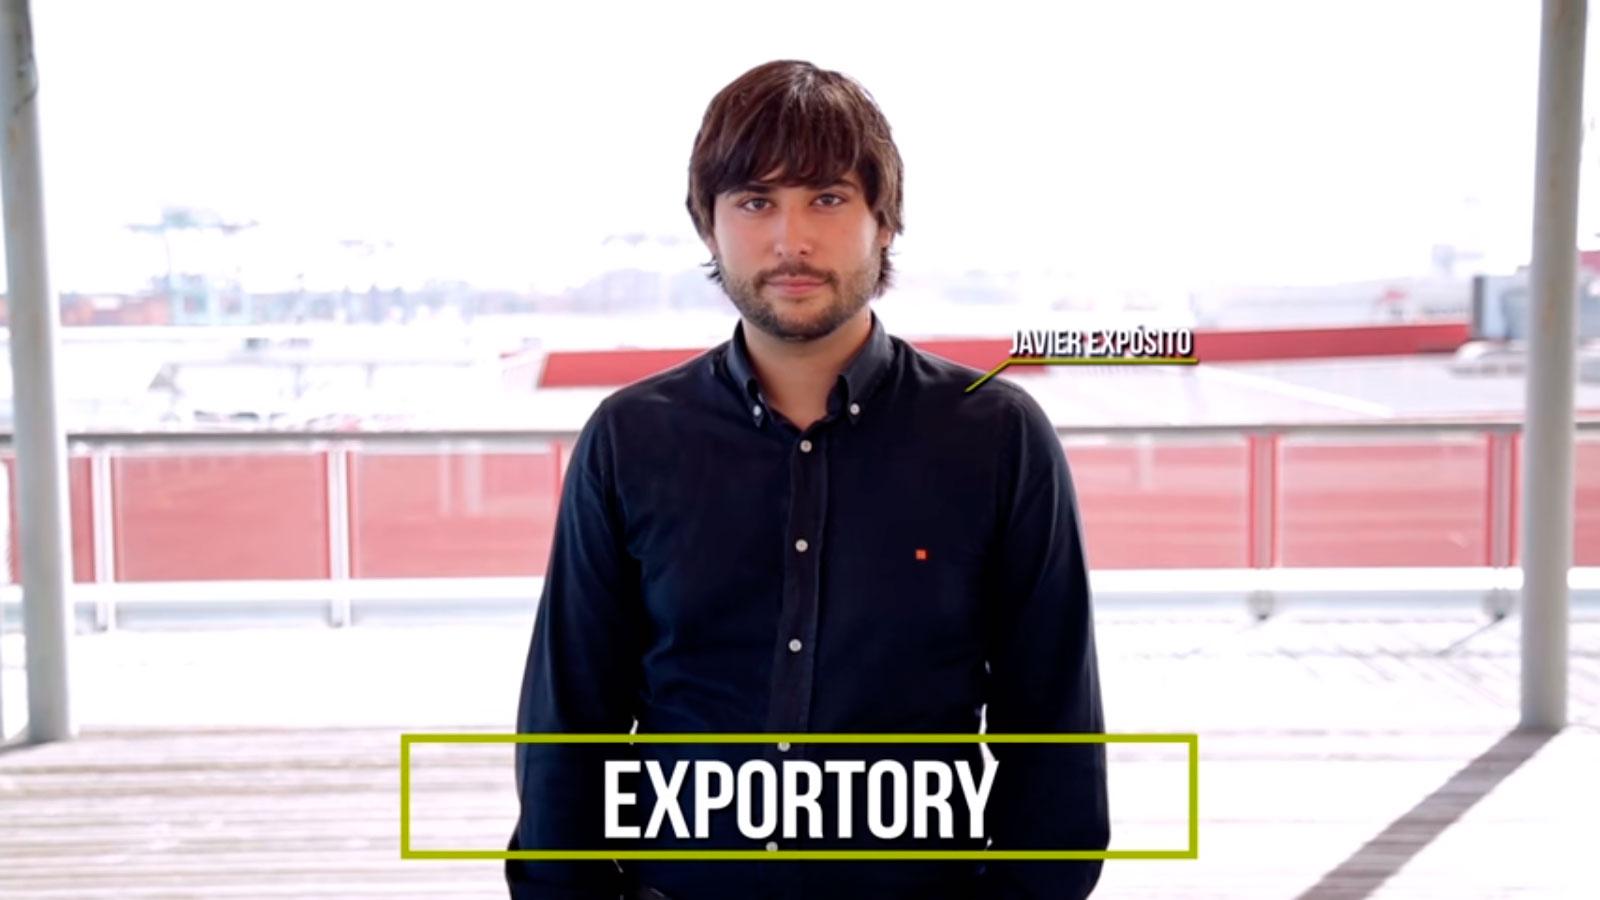 Exportory cierra un acuerdo de colaboración con Bankia